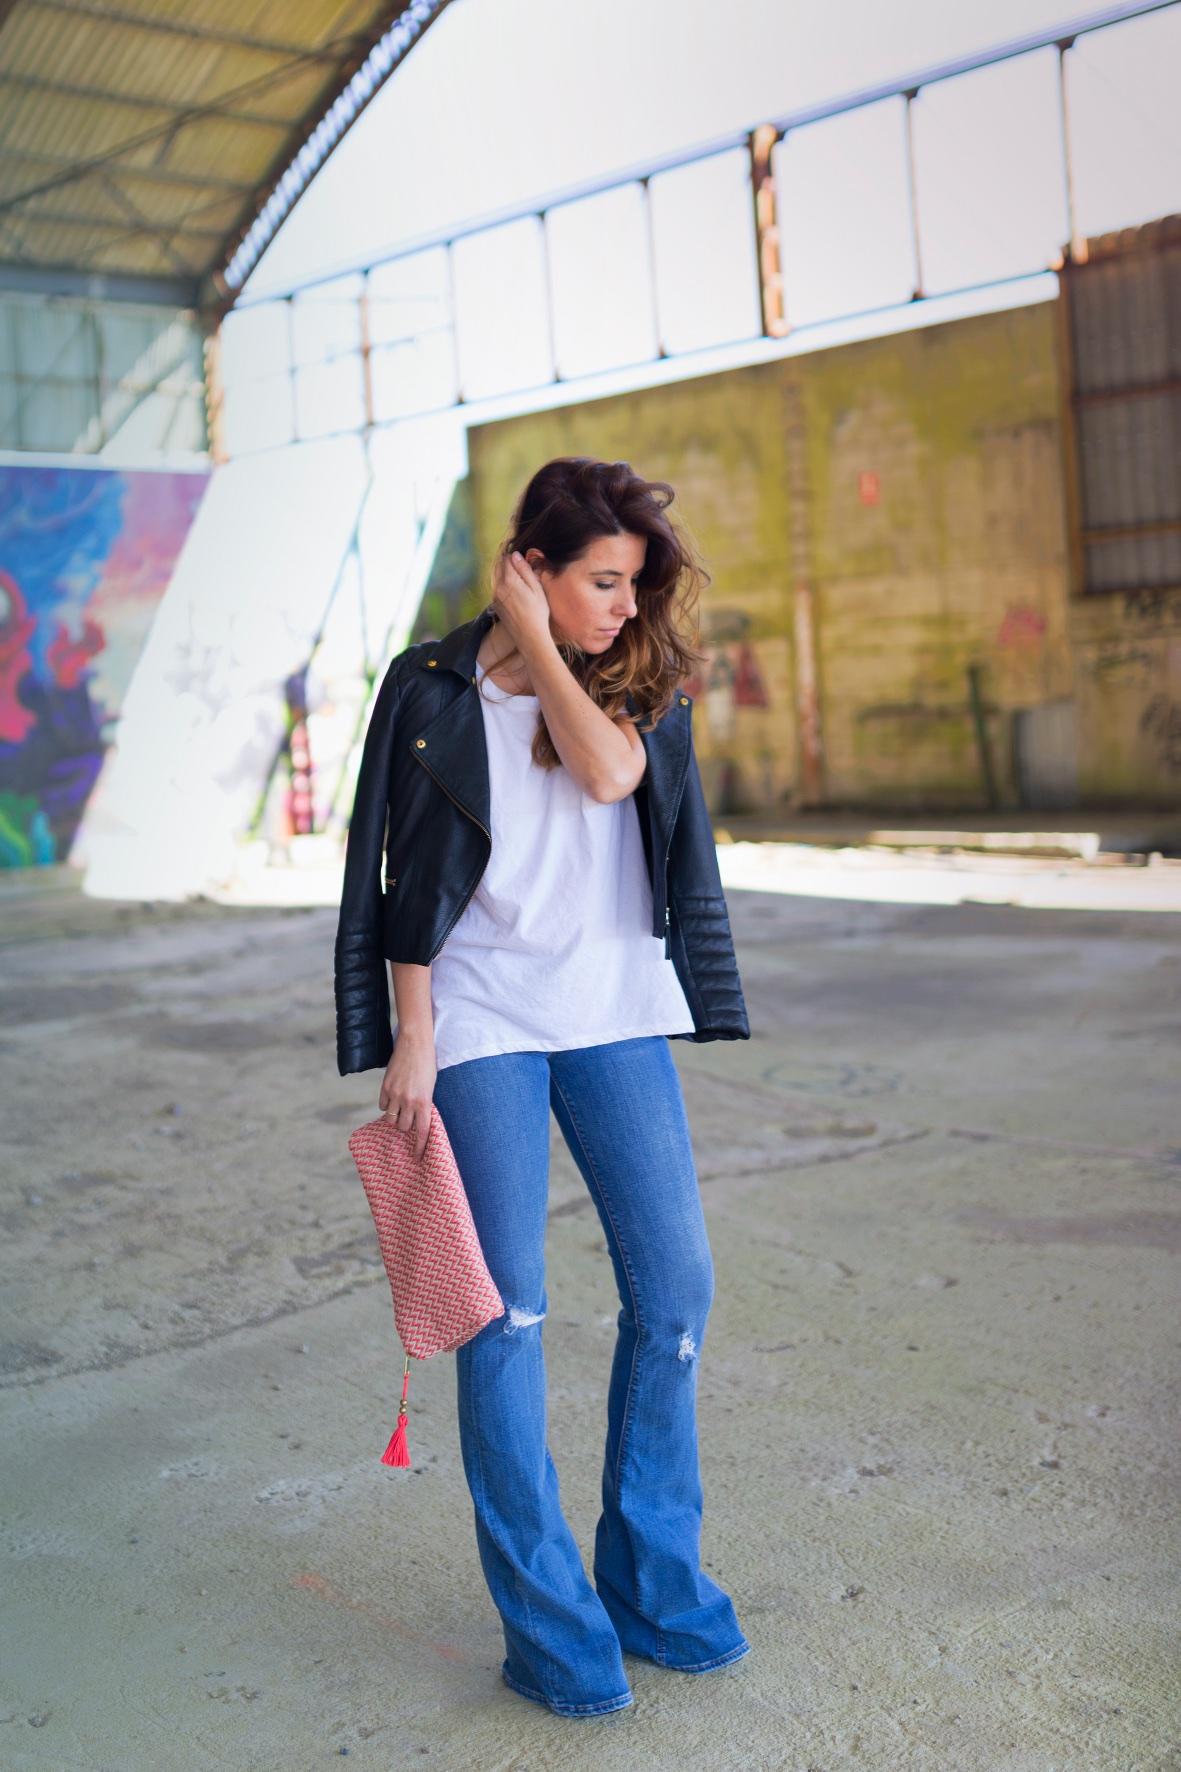 fashion- lo en las nubes- clutch-la letra escarlata -descalzaporelparque - zara -style - blogger